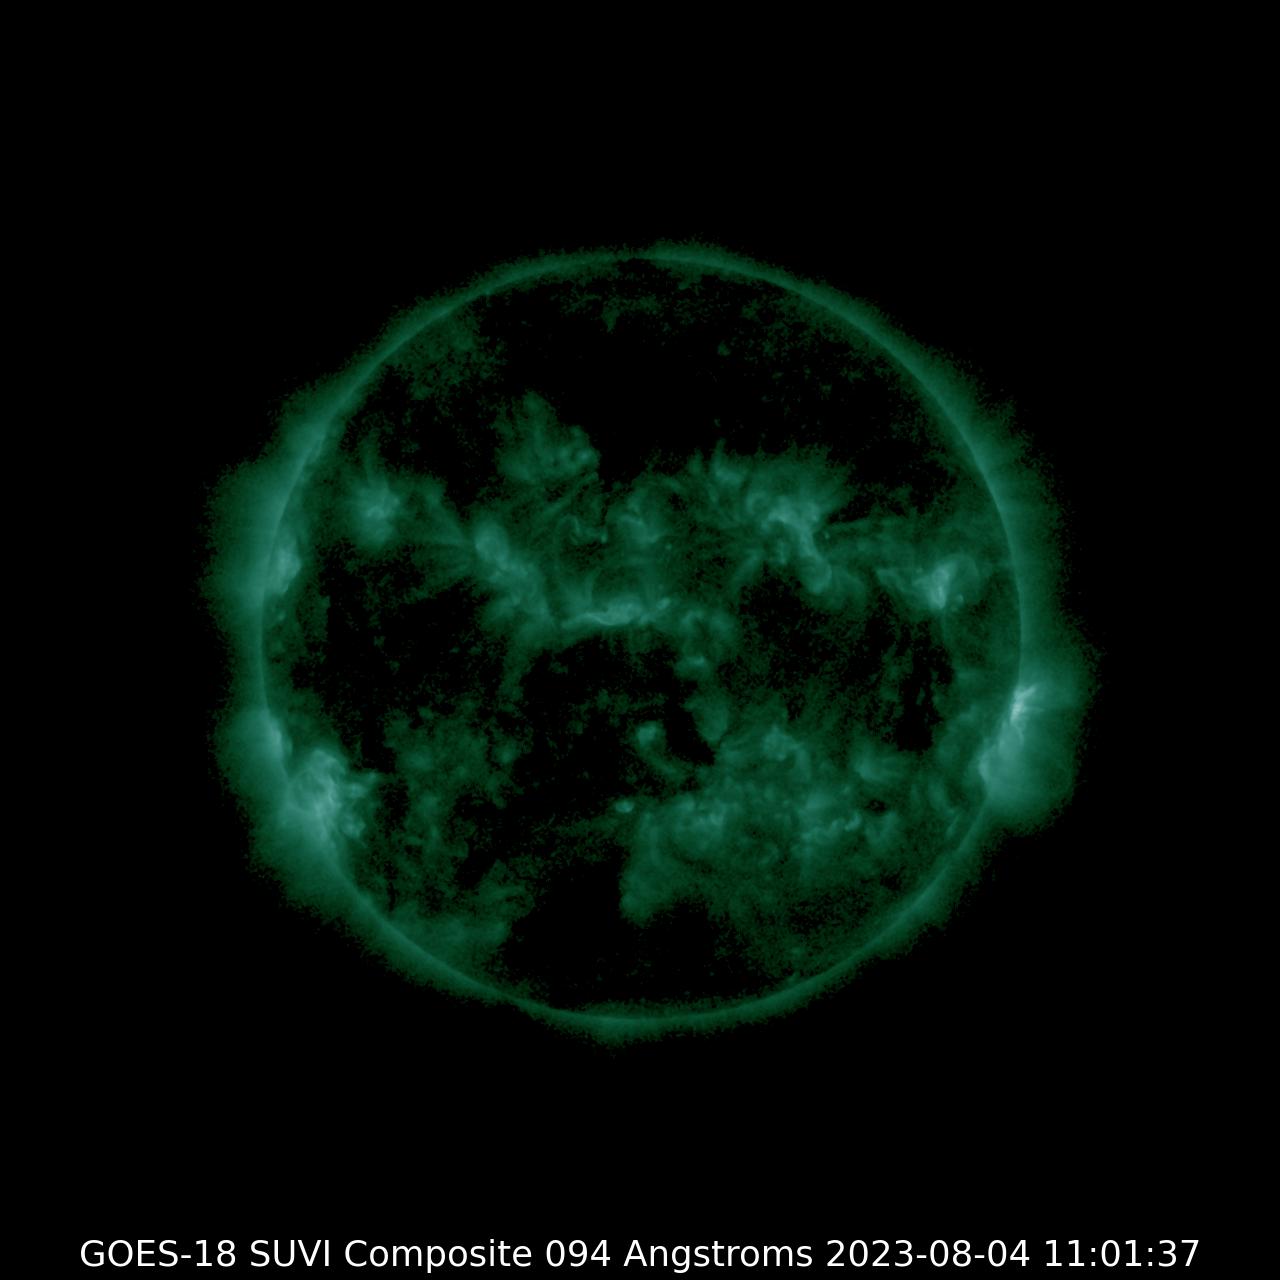 GOES-17 SUVI 094